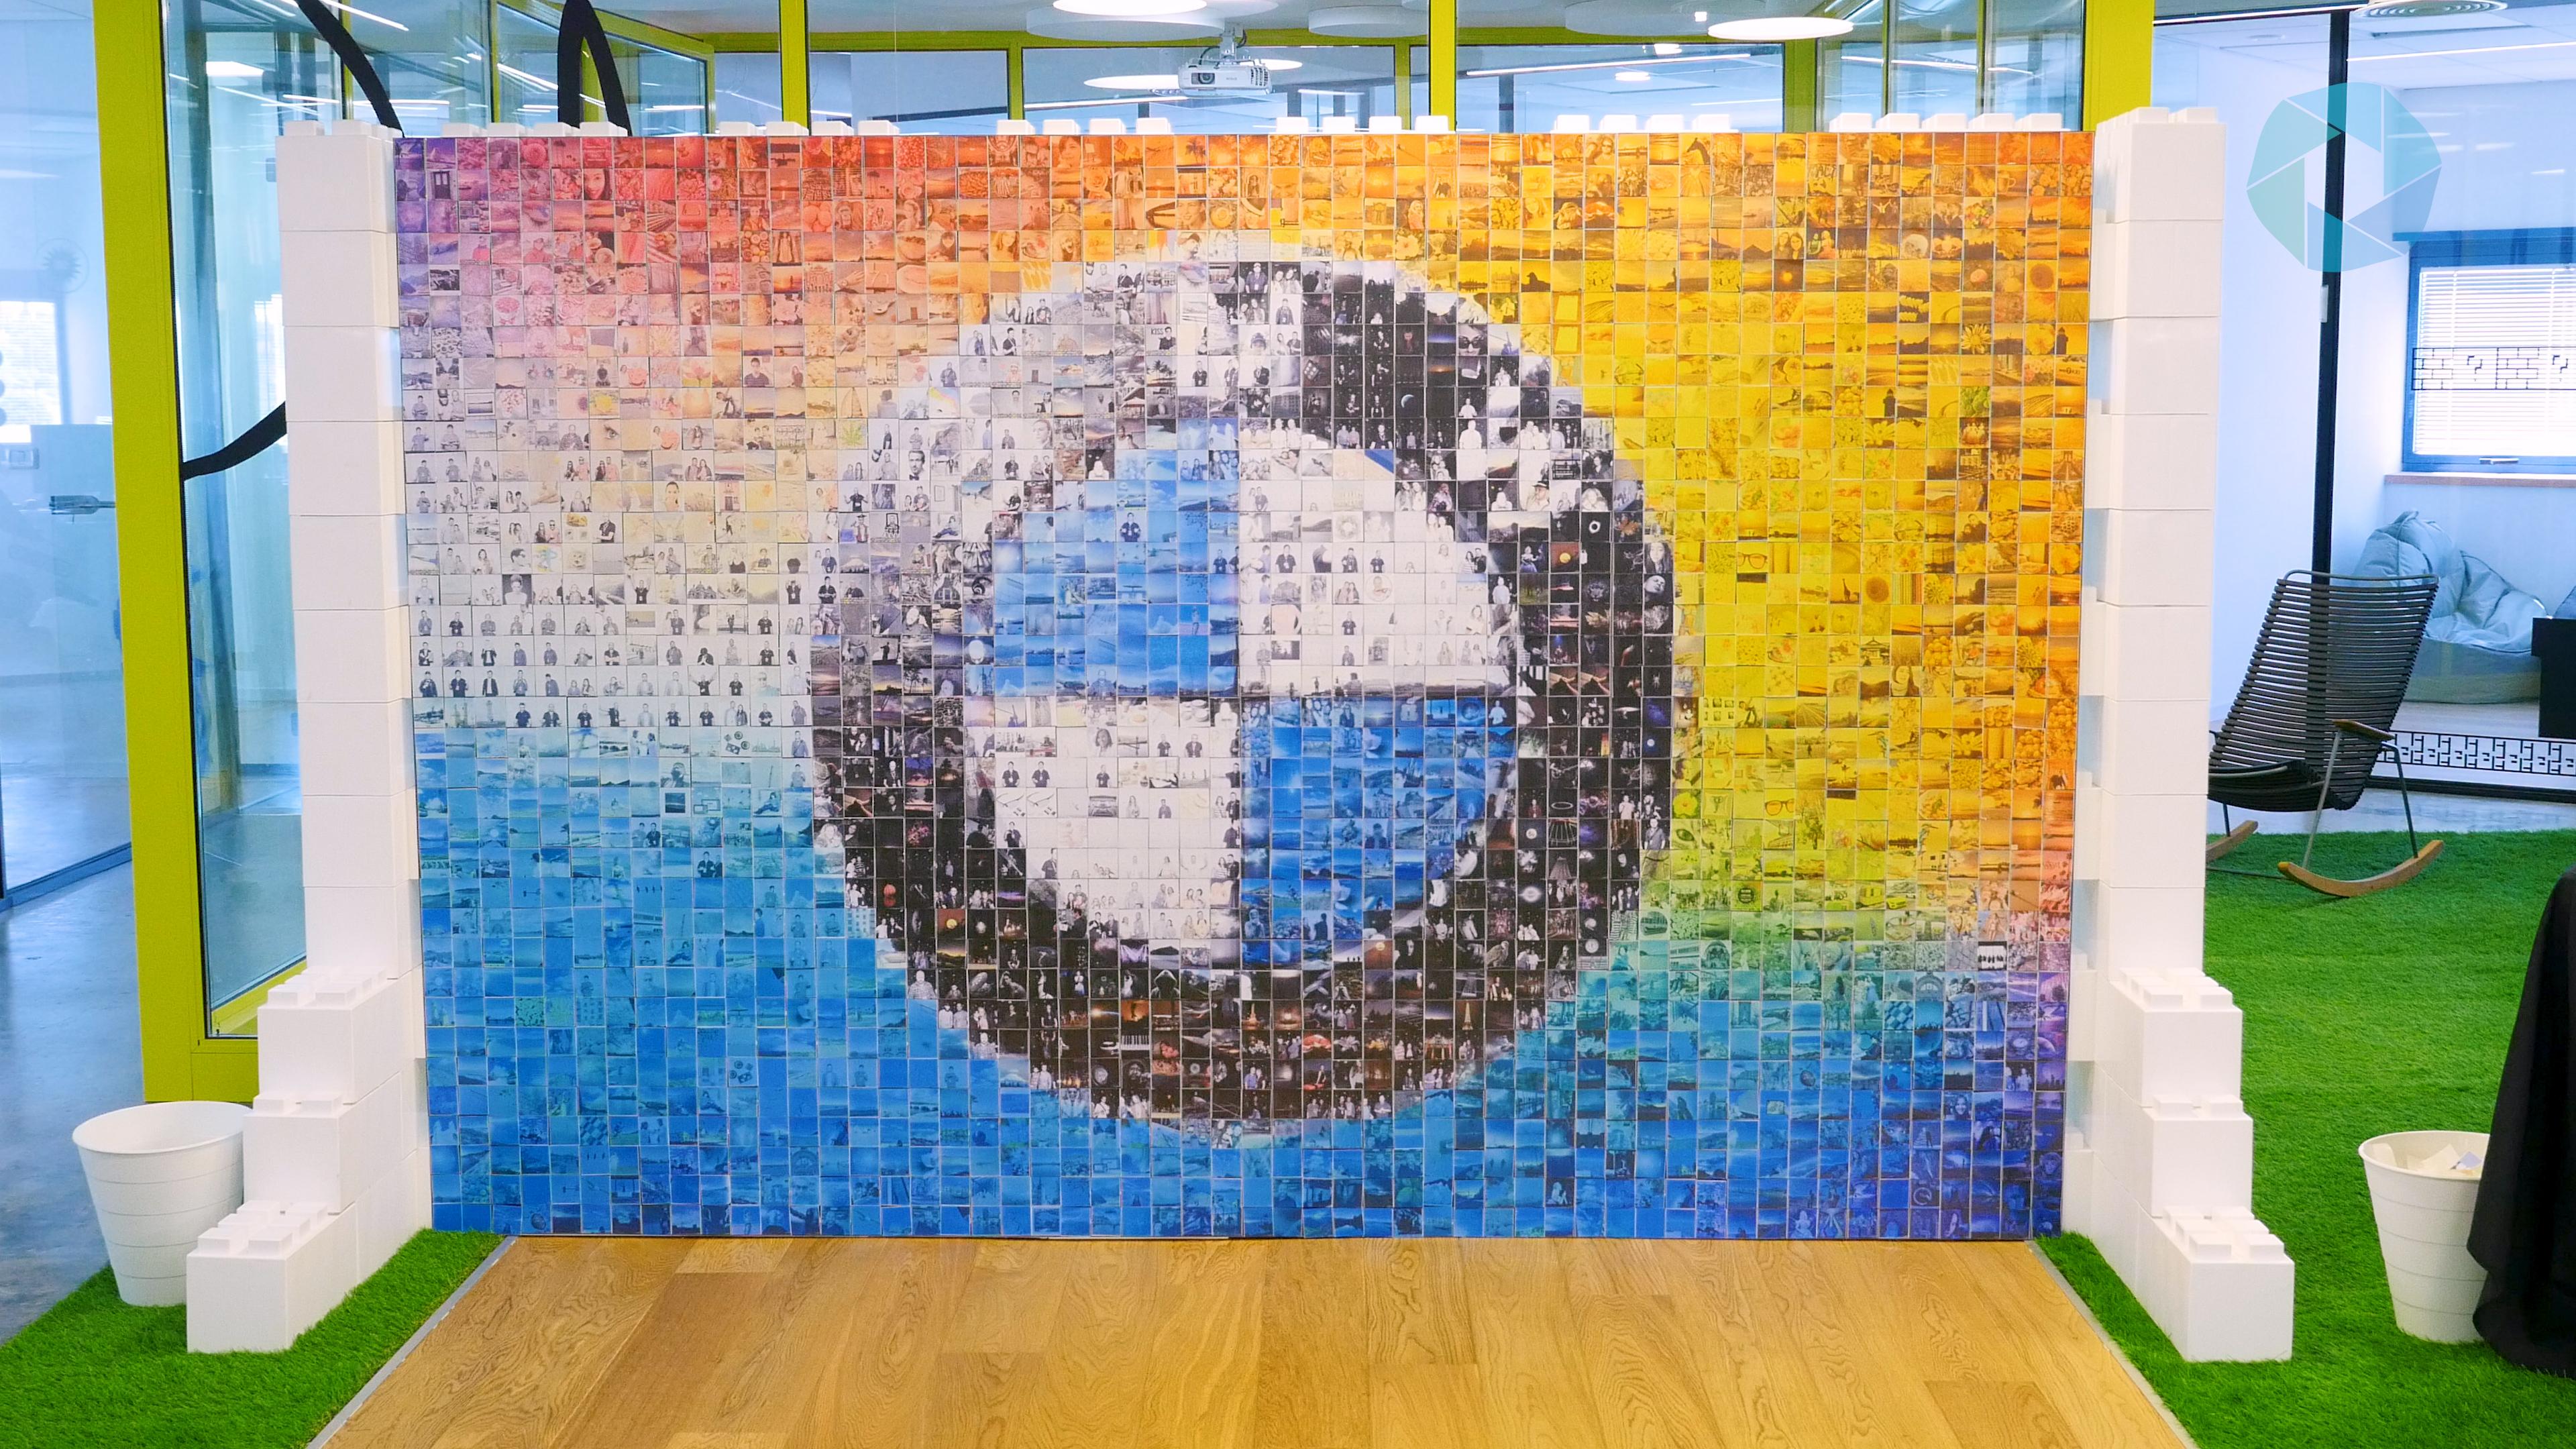 Animation photo mosaic wall 5